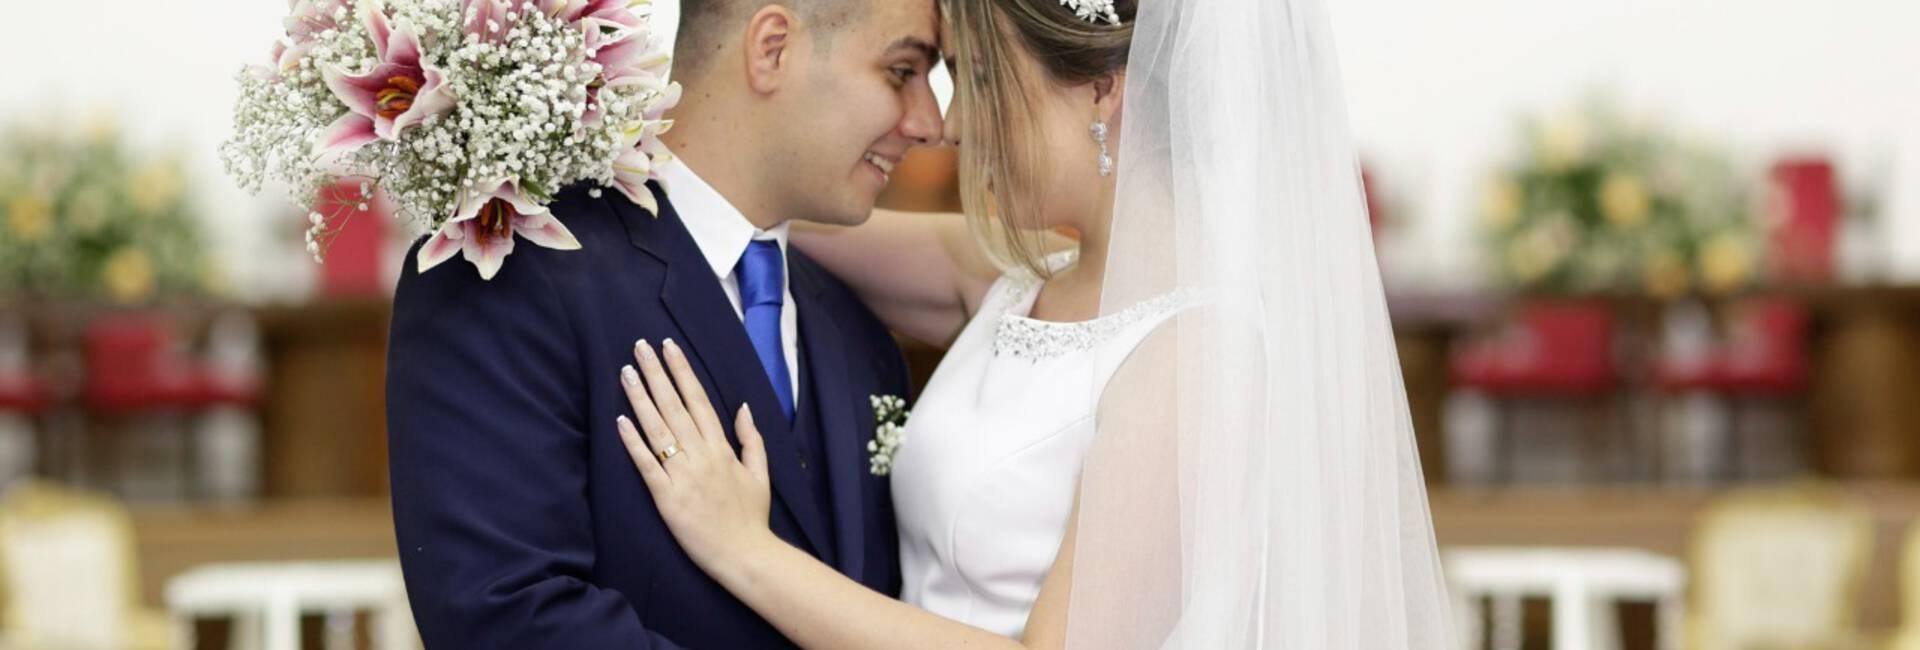 Casamento de Luiz e Helen